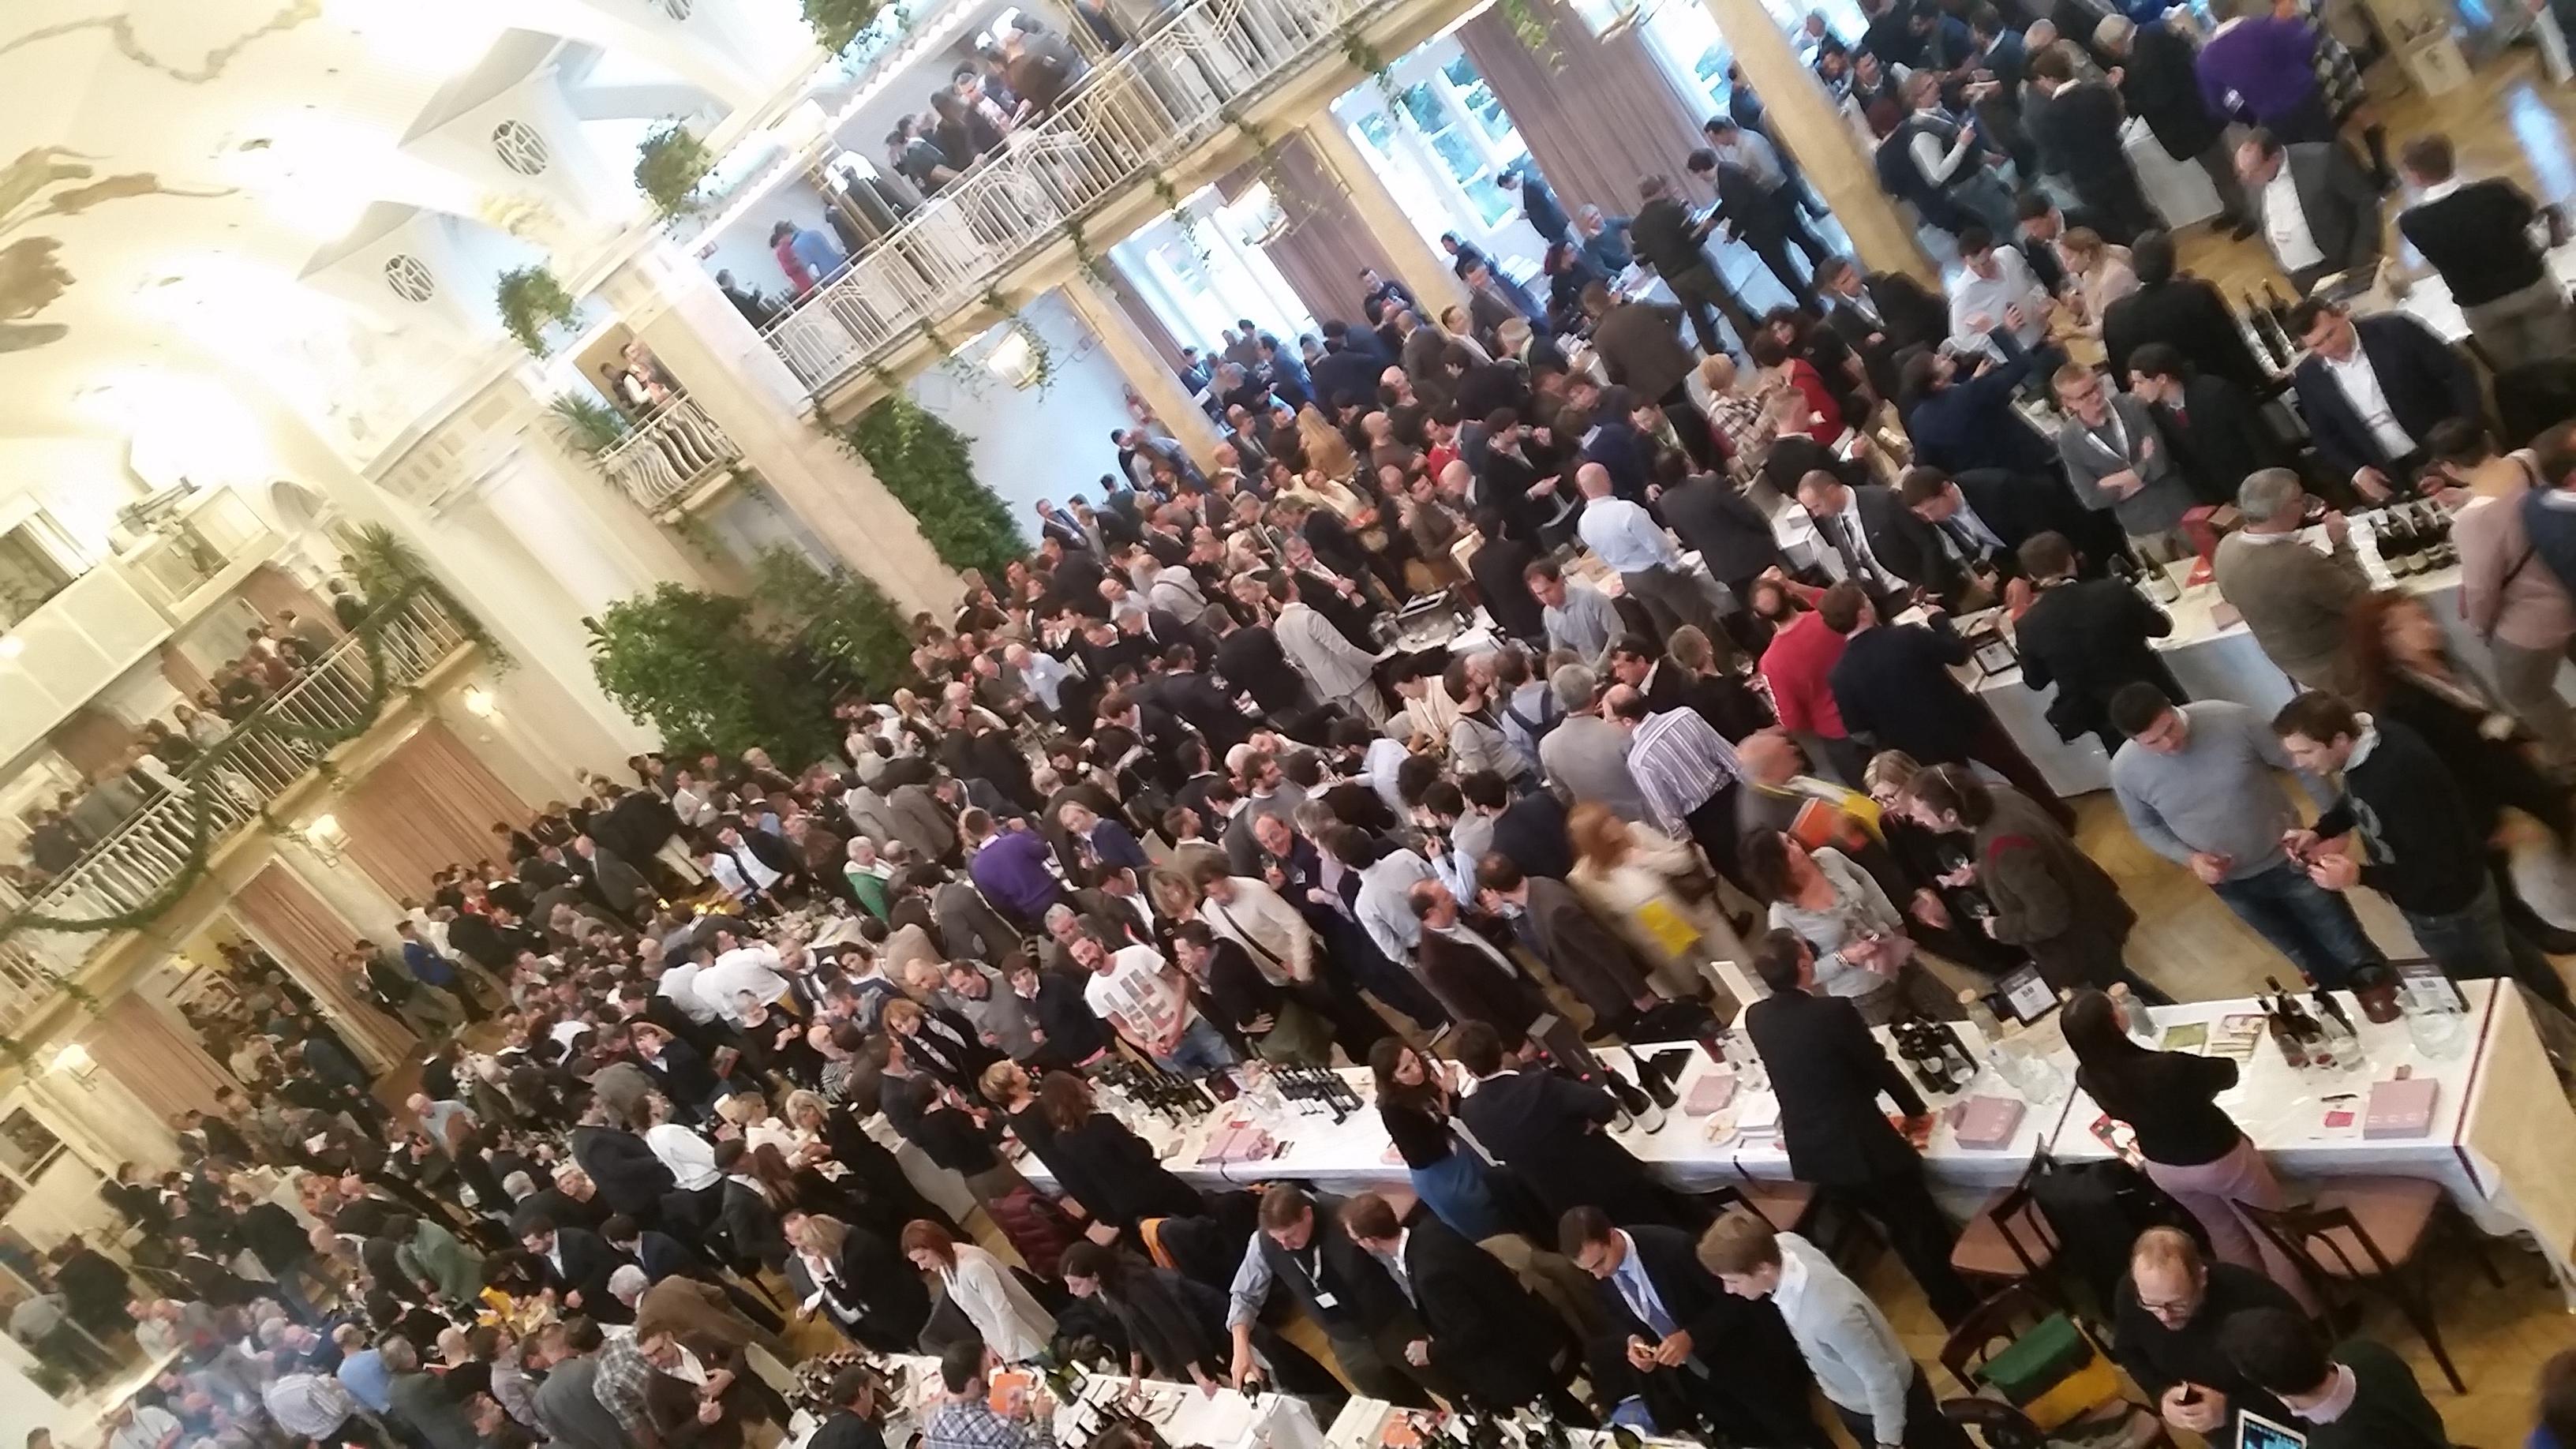 Persone radunate dentro alla location del Festival di Merano degustando vino